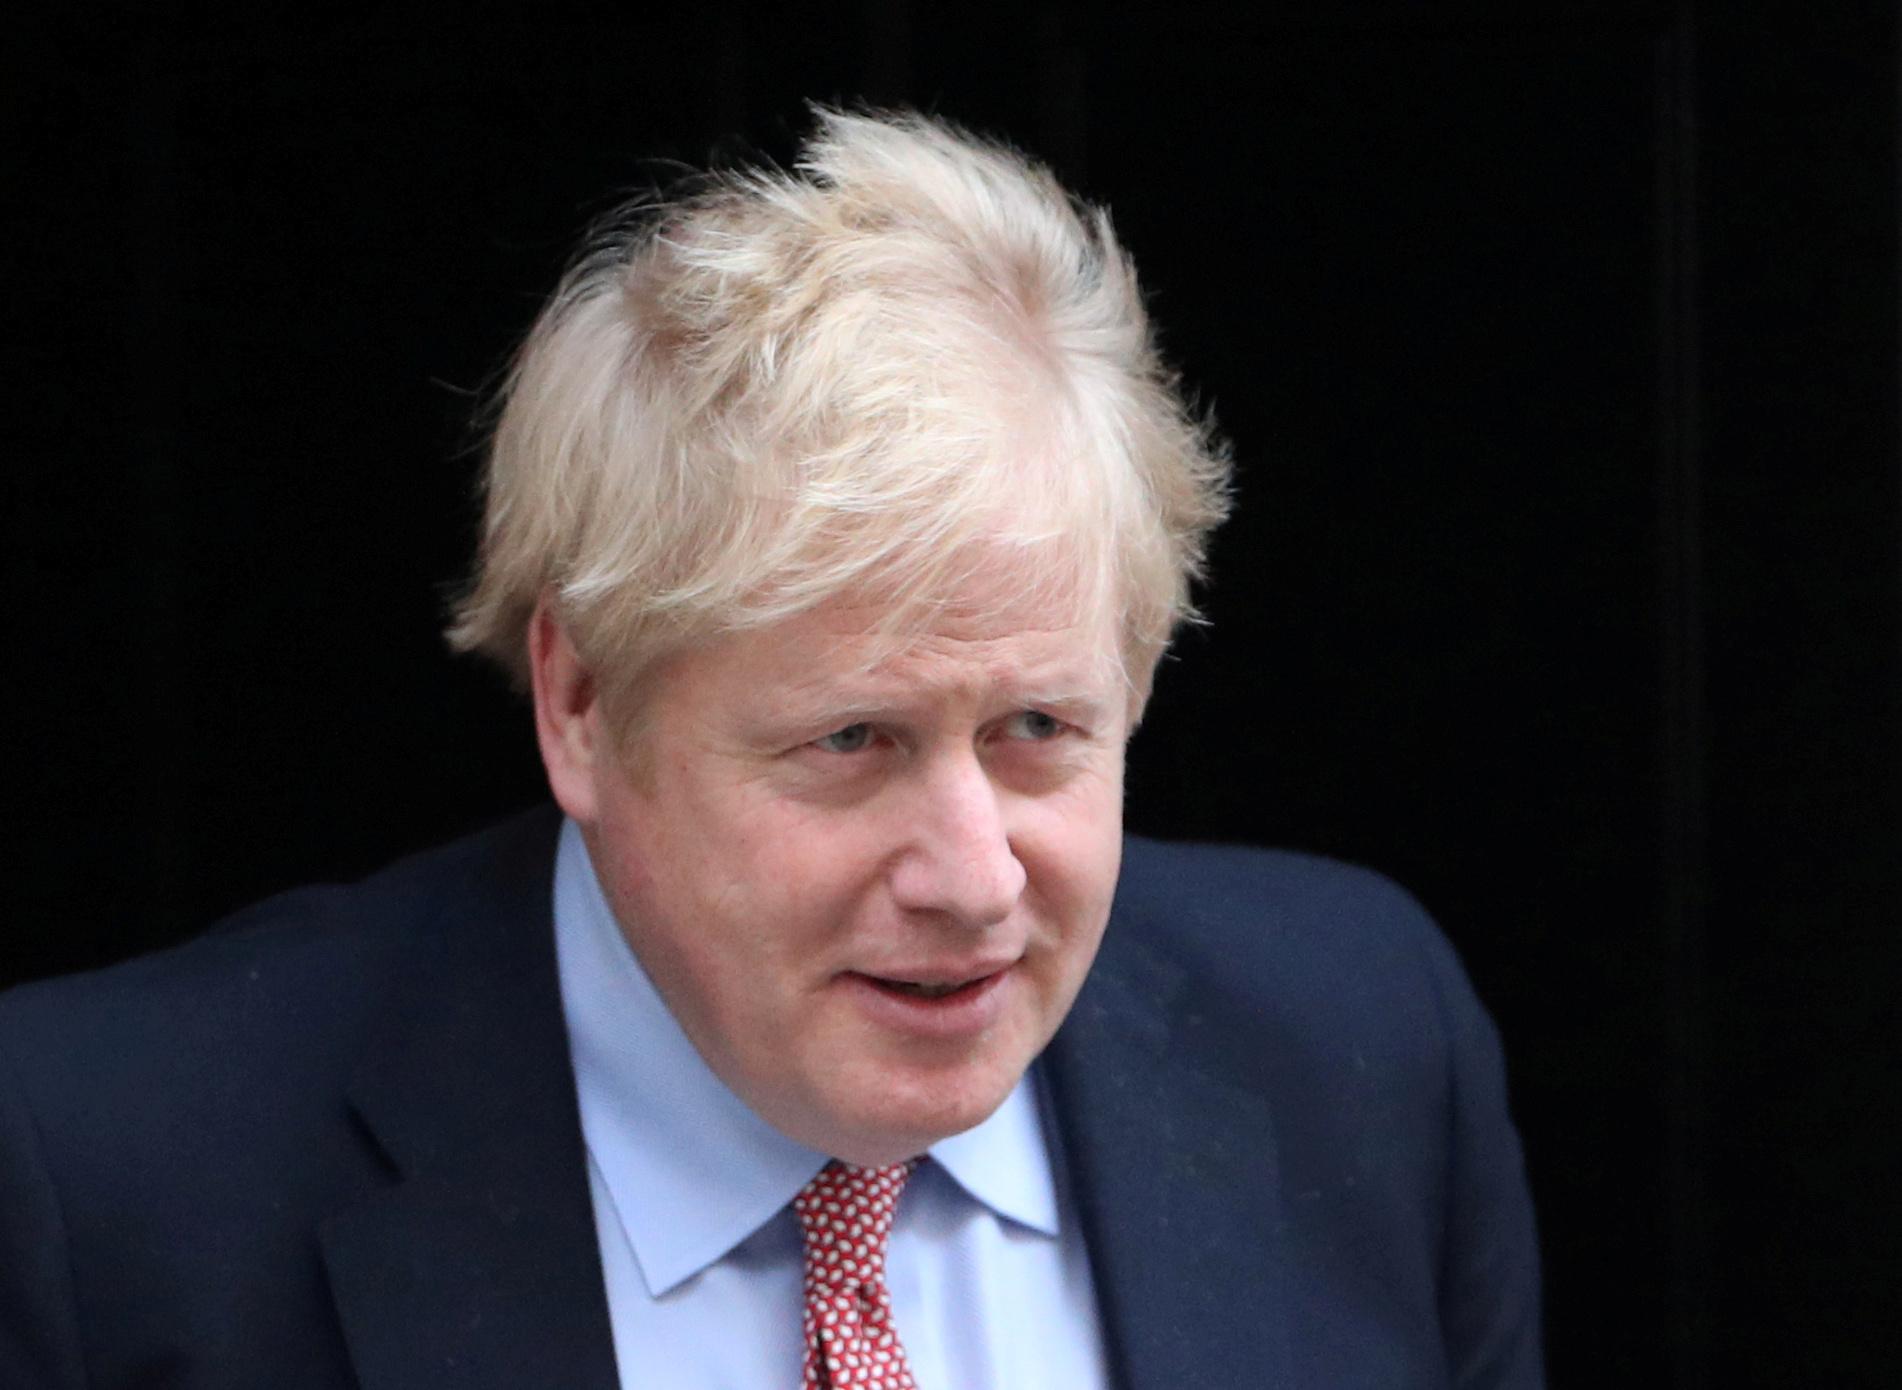 Boris Johnson dobio je sinčića, a ono što je učinio dirnulo je mnoge